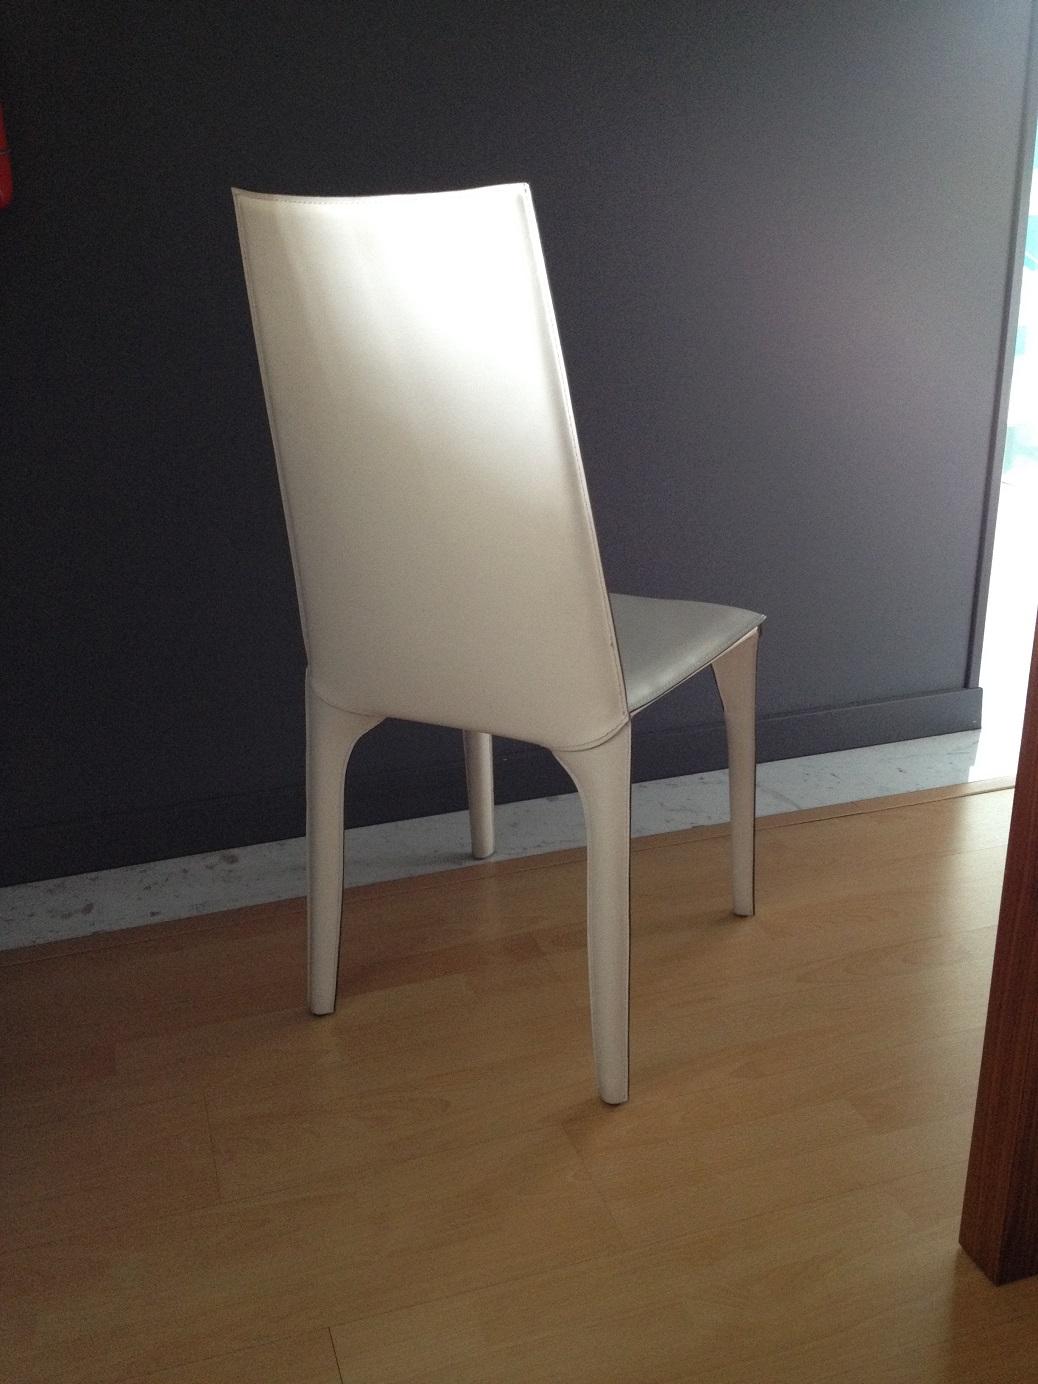 Sedie moderne ozzio scontate del 50 sedie a prezzi scontati for Sedie moderne outlet